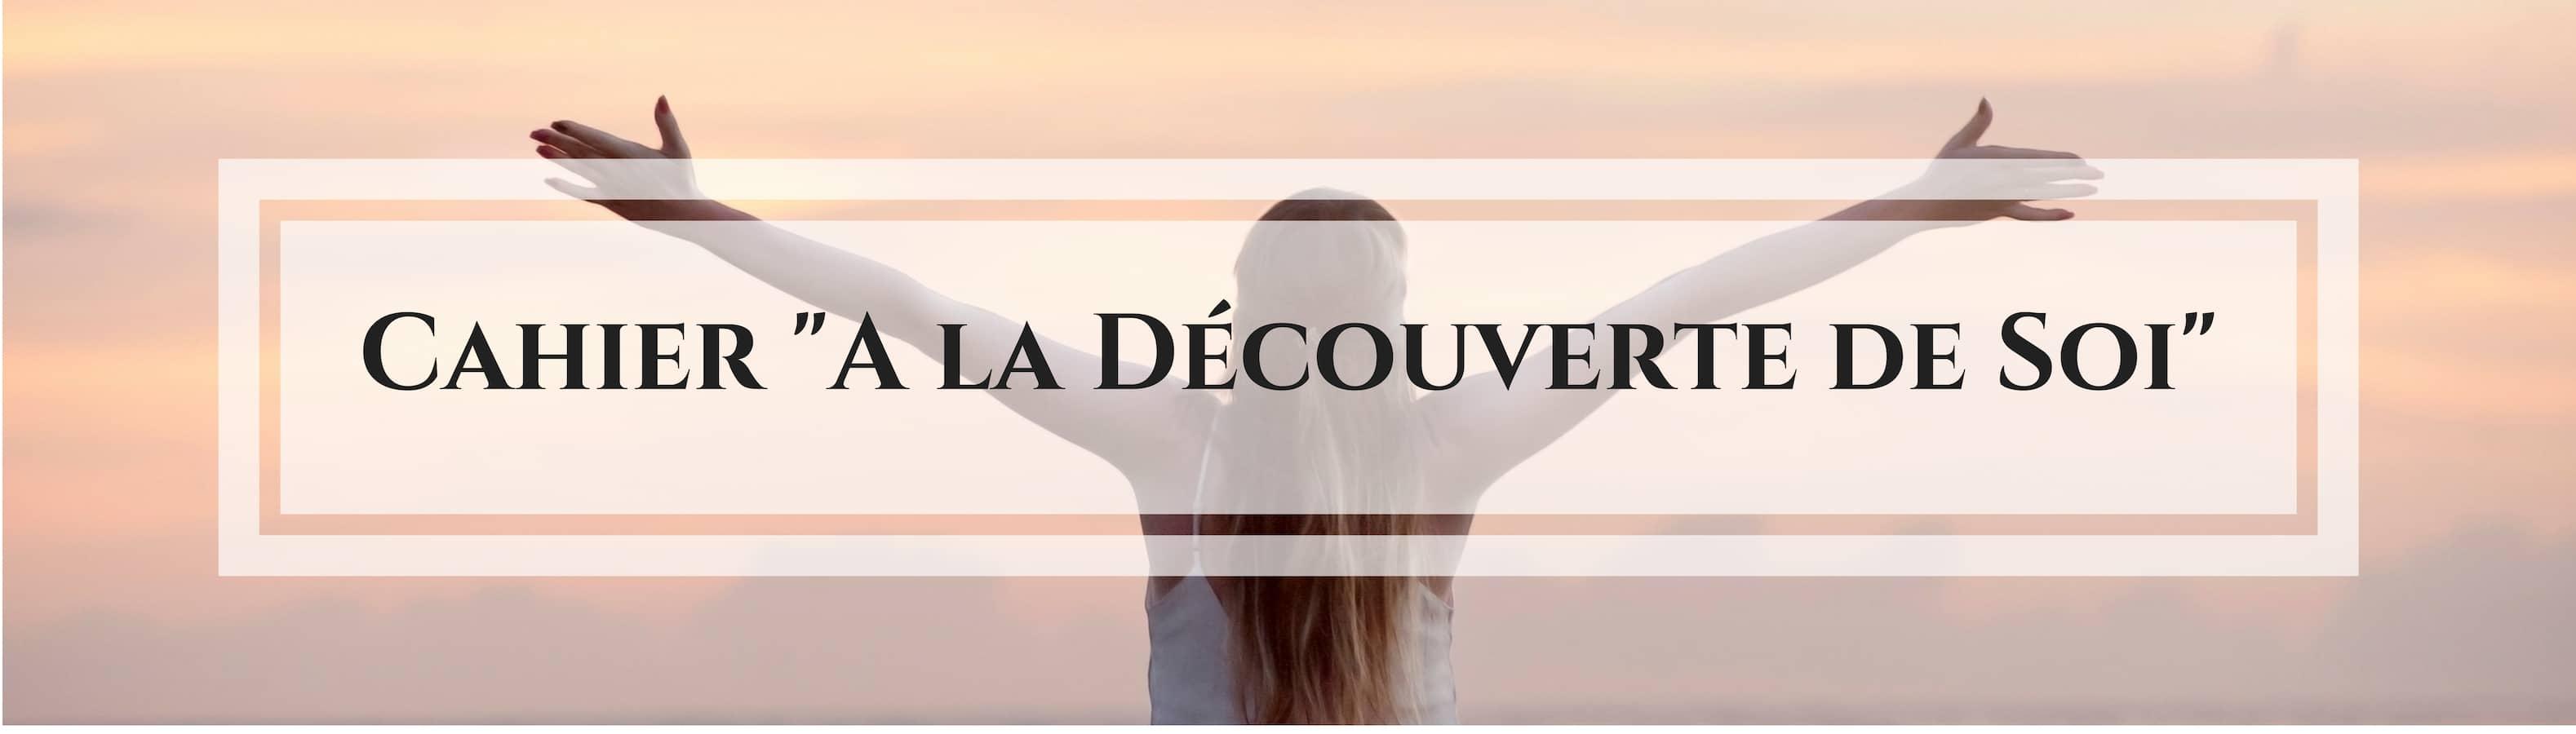 Offre Cahier Découverte de Soi / Laurie Audibert, Coach Holistique